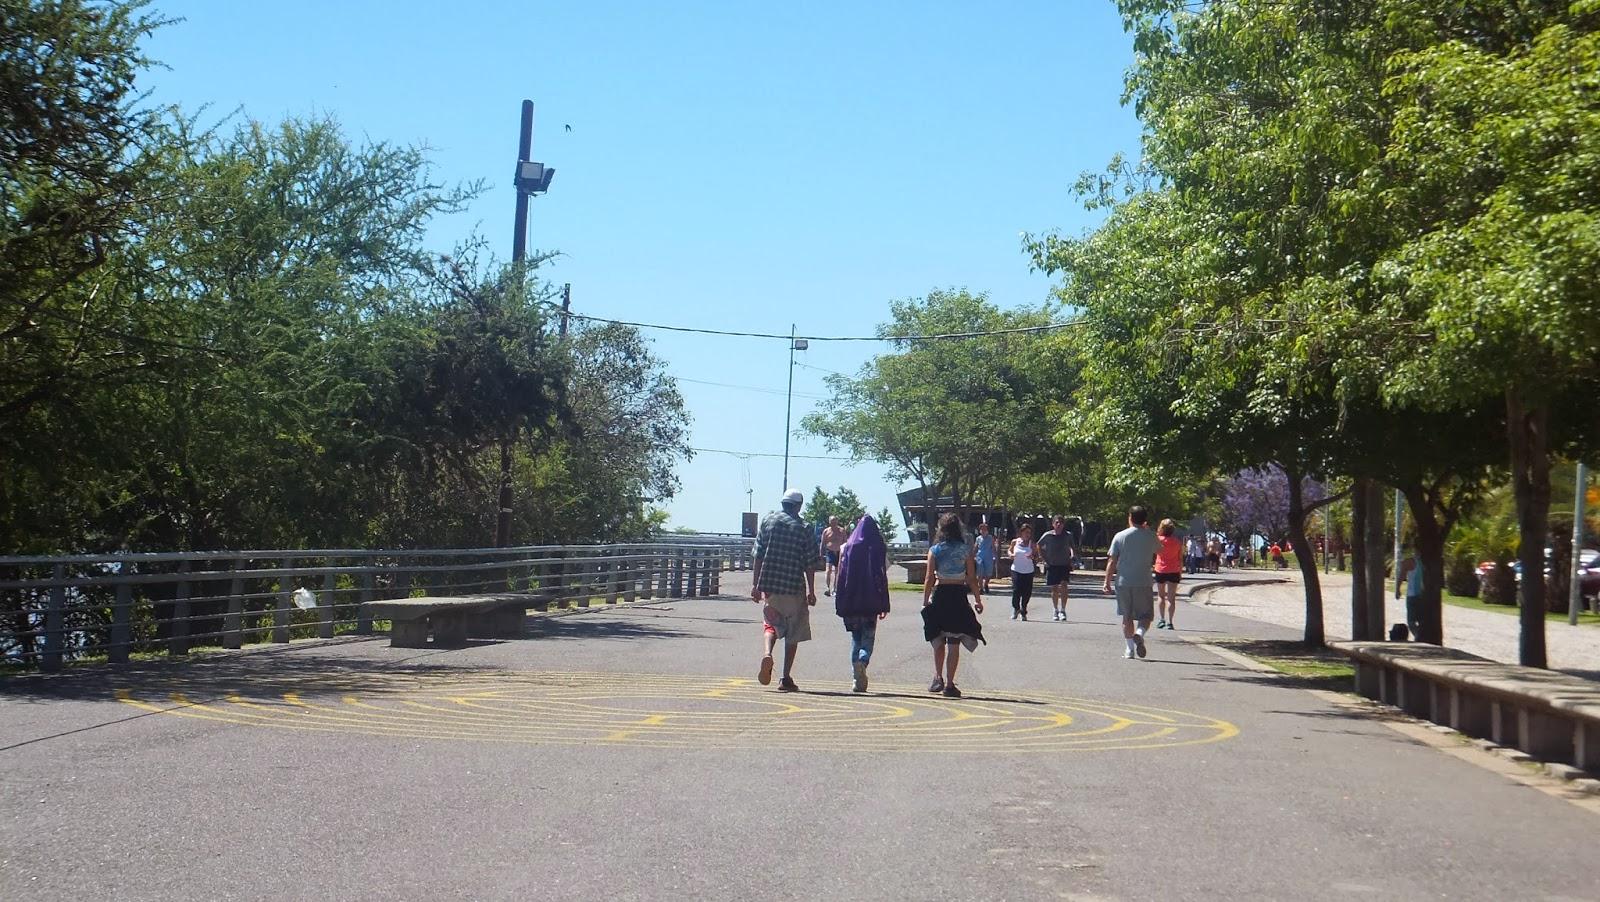 Paseo de la Diversidad, Rosario, Argentina, Elisa N, Blog de Viajes, Lifestyle, Travel